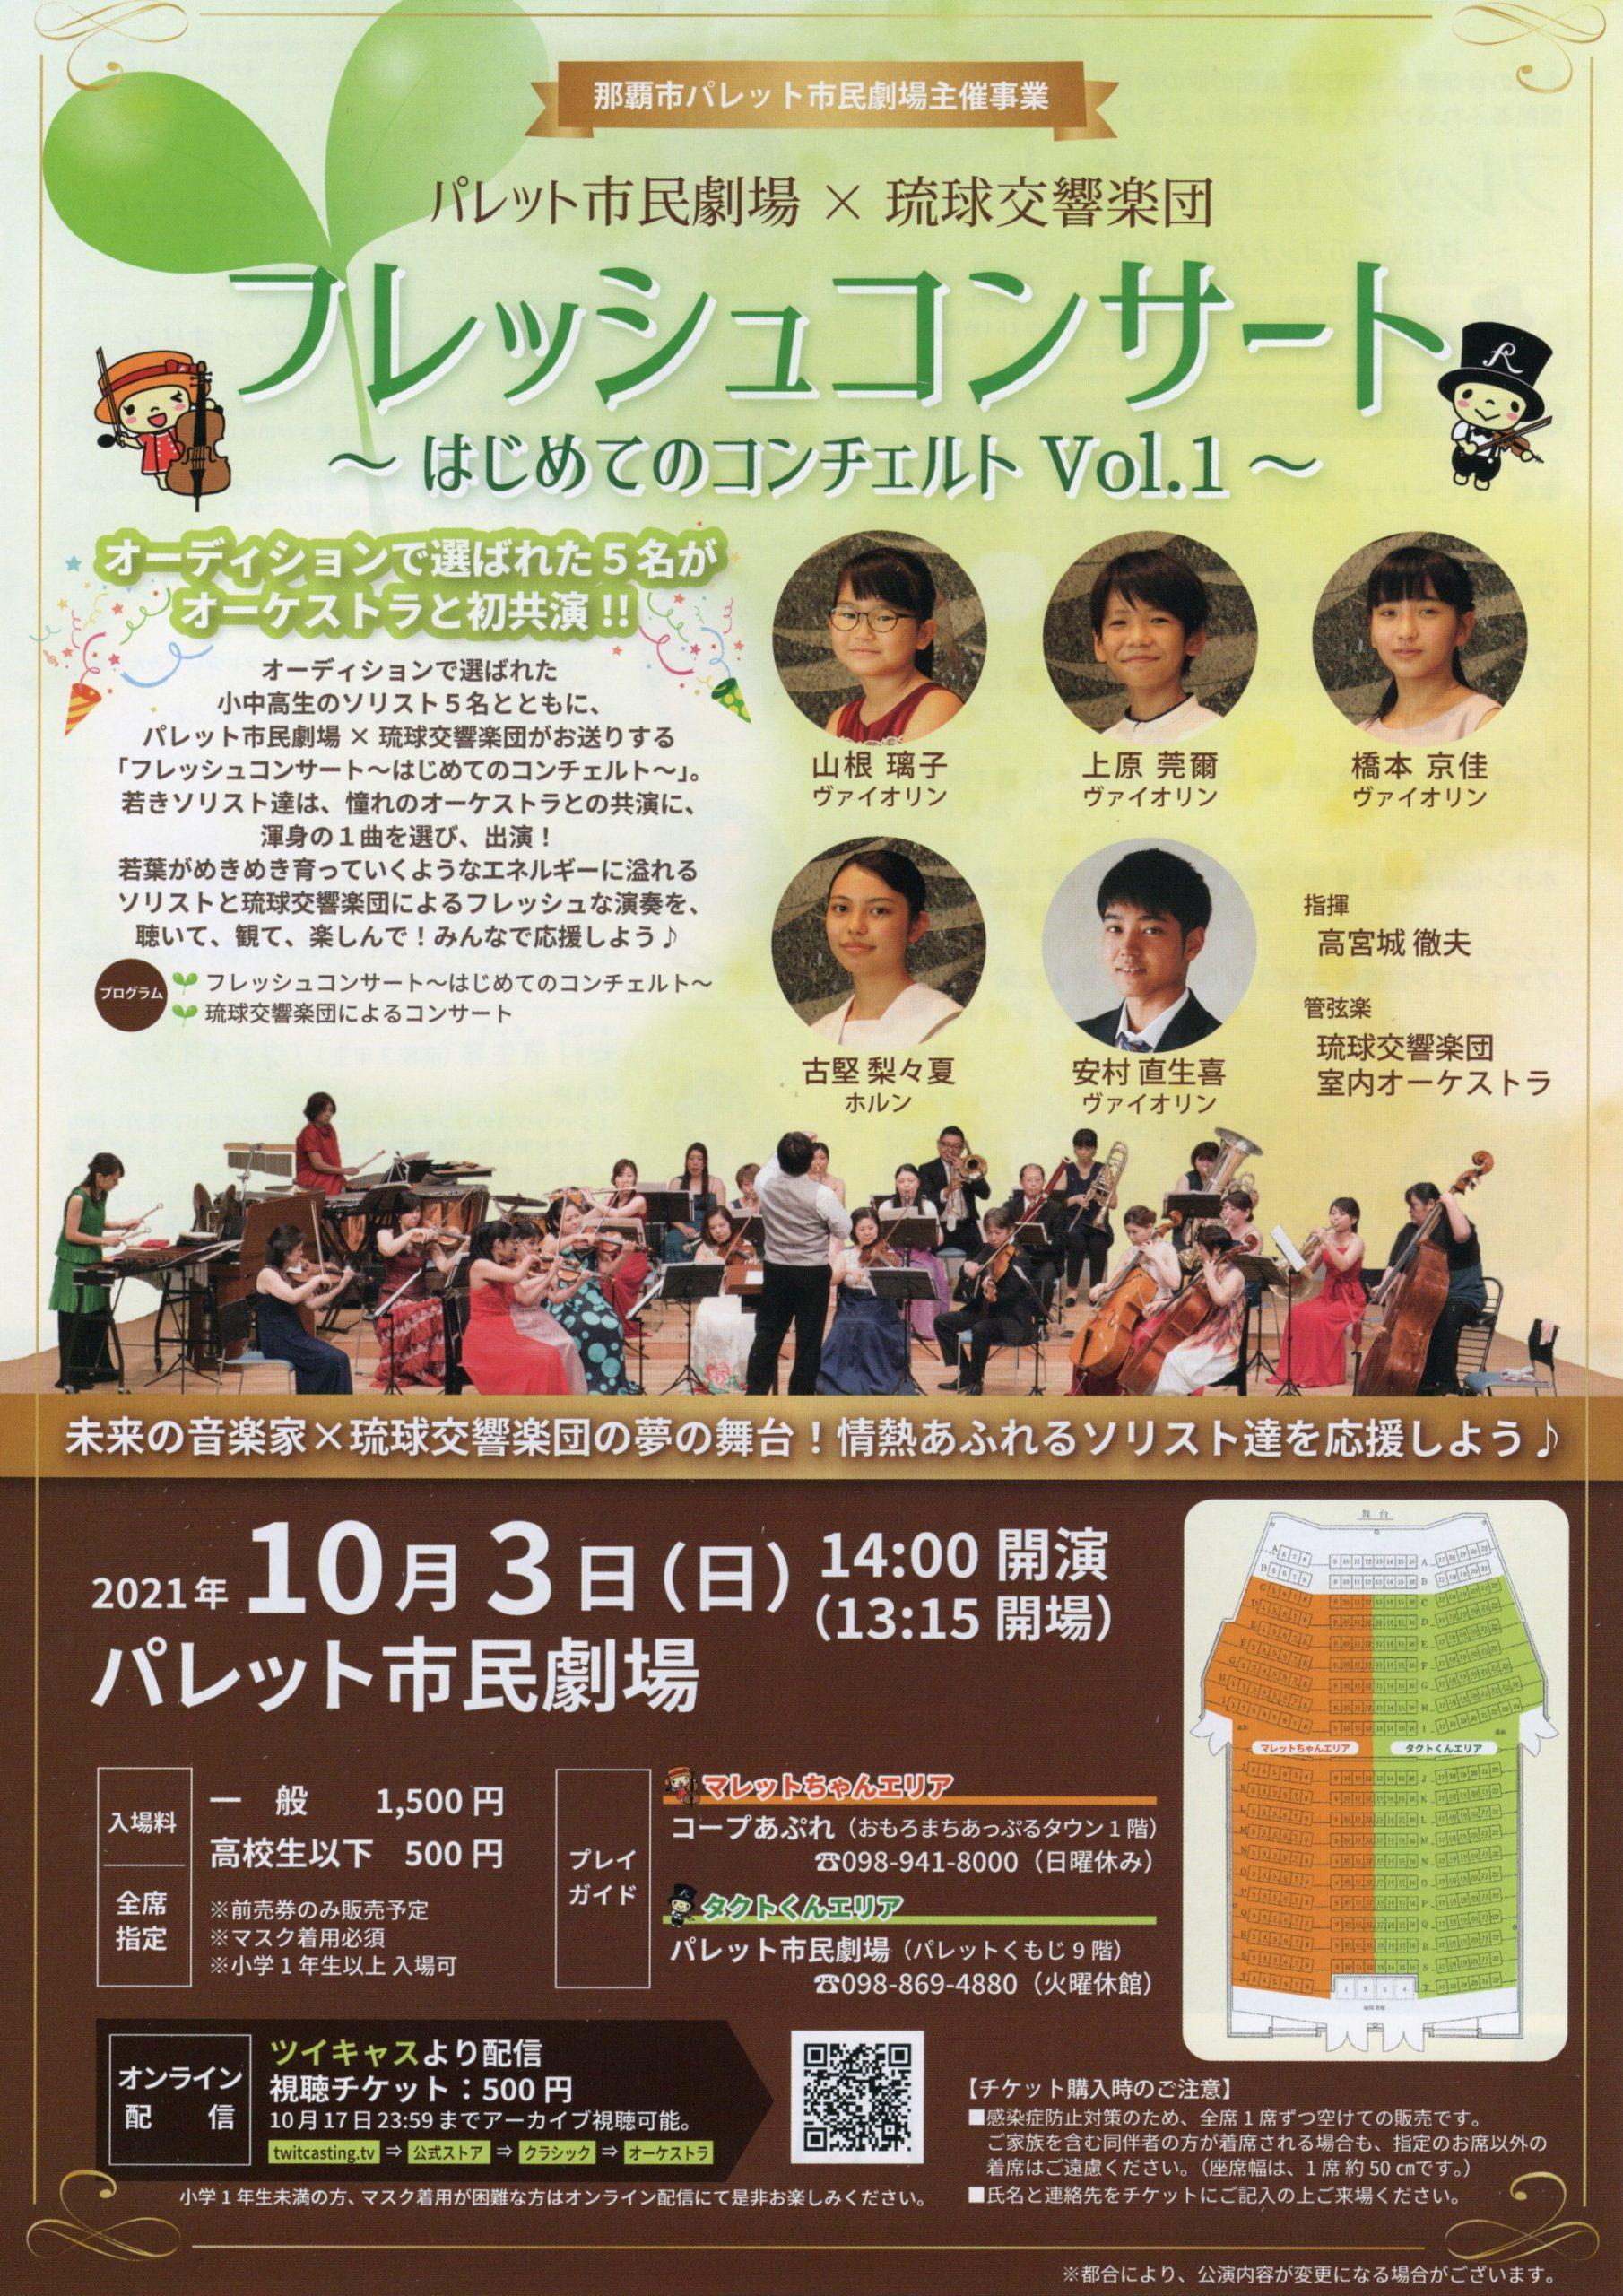 琉球交響楽団と未来の音楽家が共演「フレッシュコンサート~はじめてのコンチェルト Vol.1~」